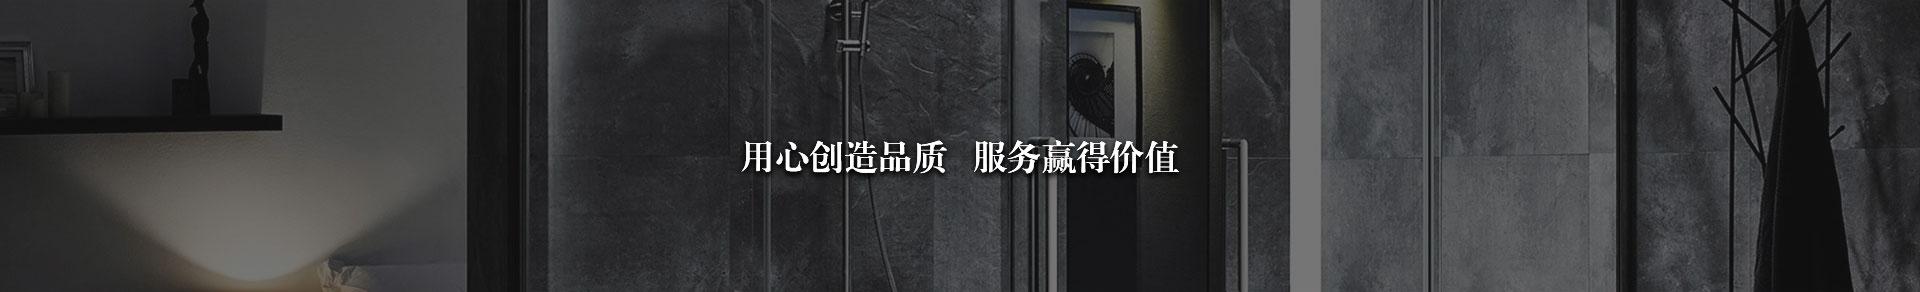 http://www.wgzhongsheng.com/data/images/slide/20190524101324_998.jpg